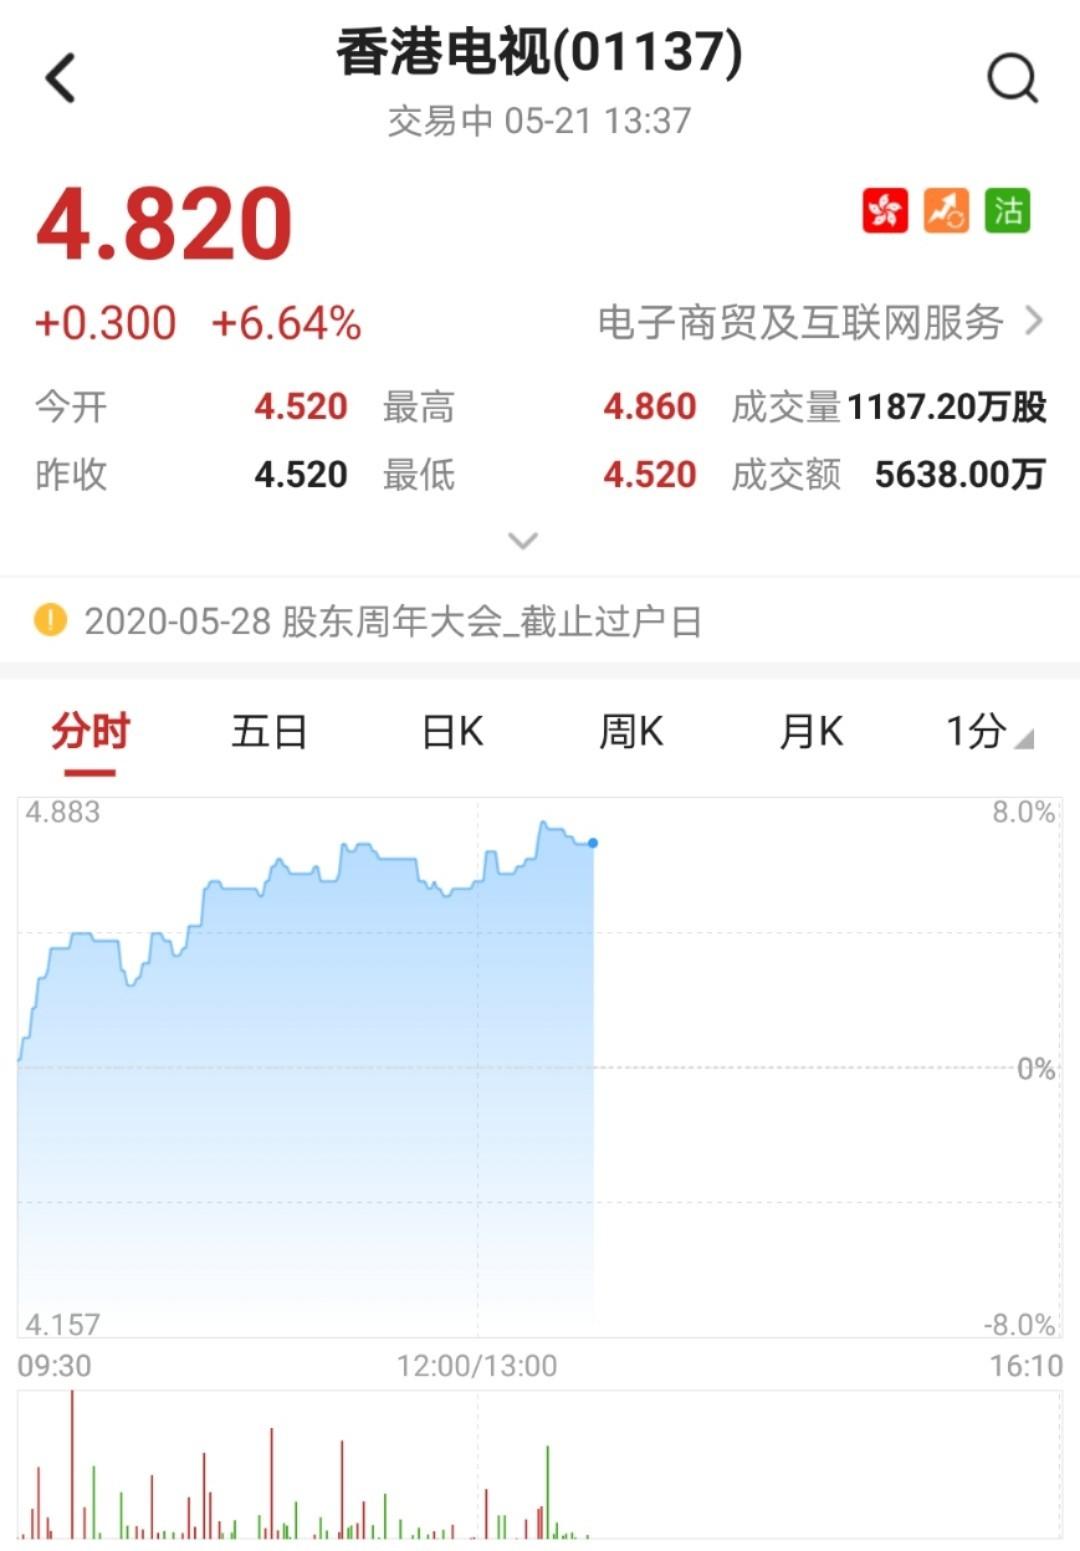 港股异动�蛳愀鄣缡�(01137)涨超7% 近期或纳MSCI香港小新股指数